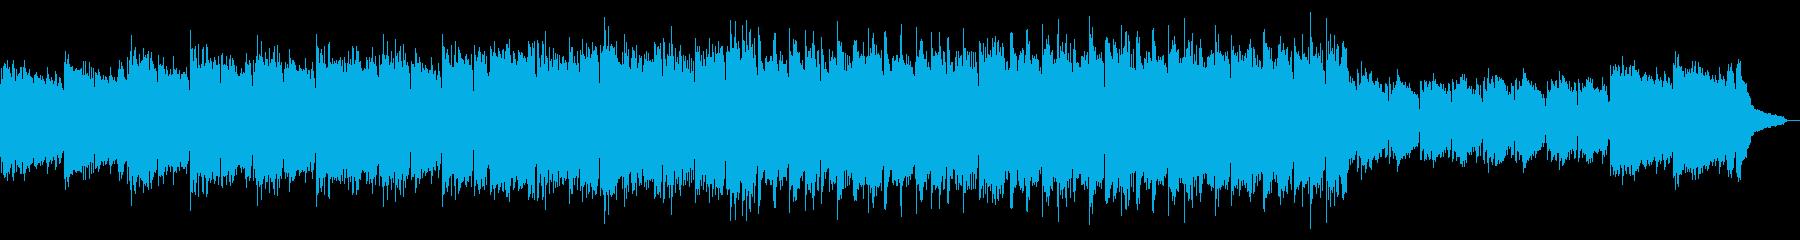 温かい思い出ピアノとギター:フルx1の再生済みの波形